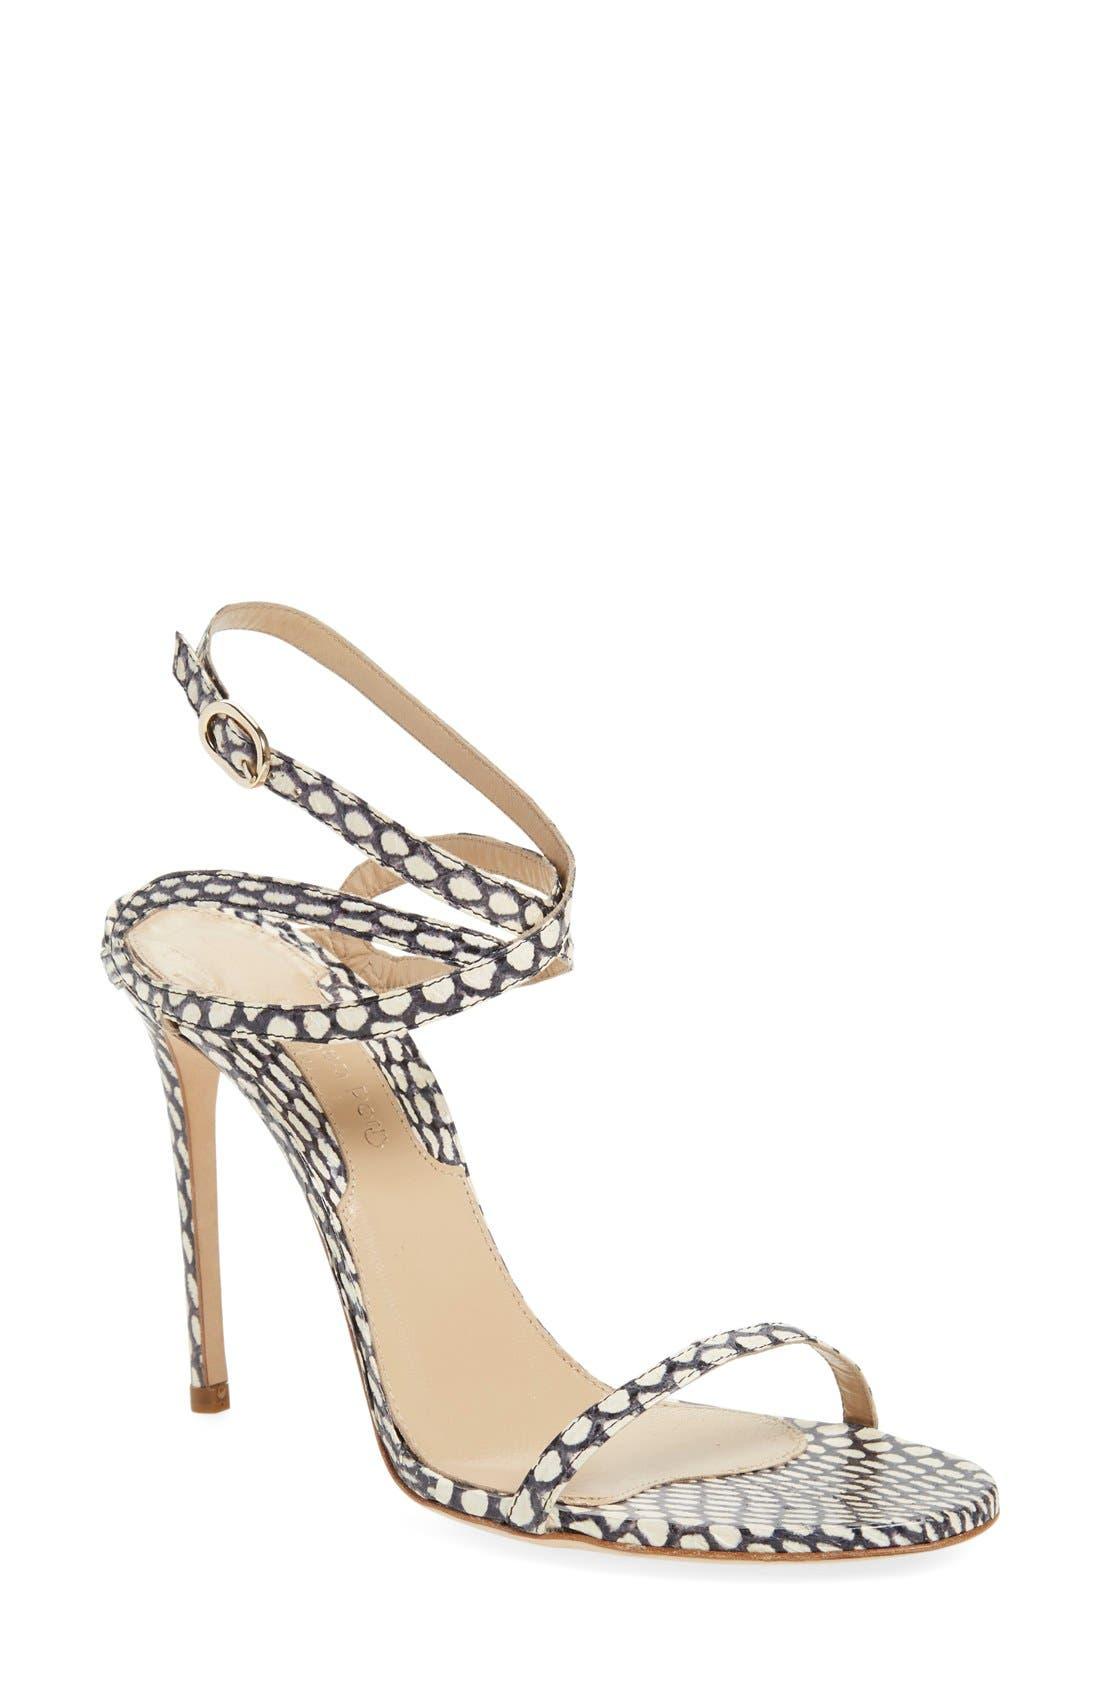 Main Image - Chelsea Paris 'Soyak' Ankle Strap Sandal (Women)